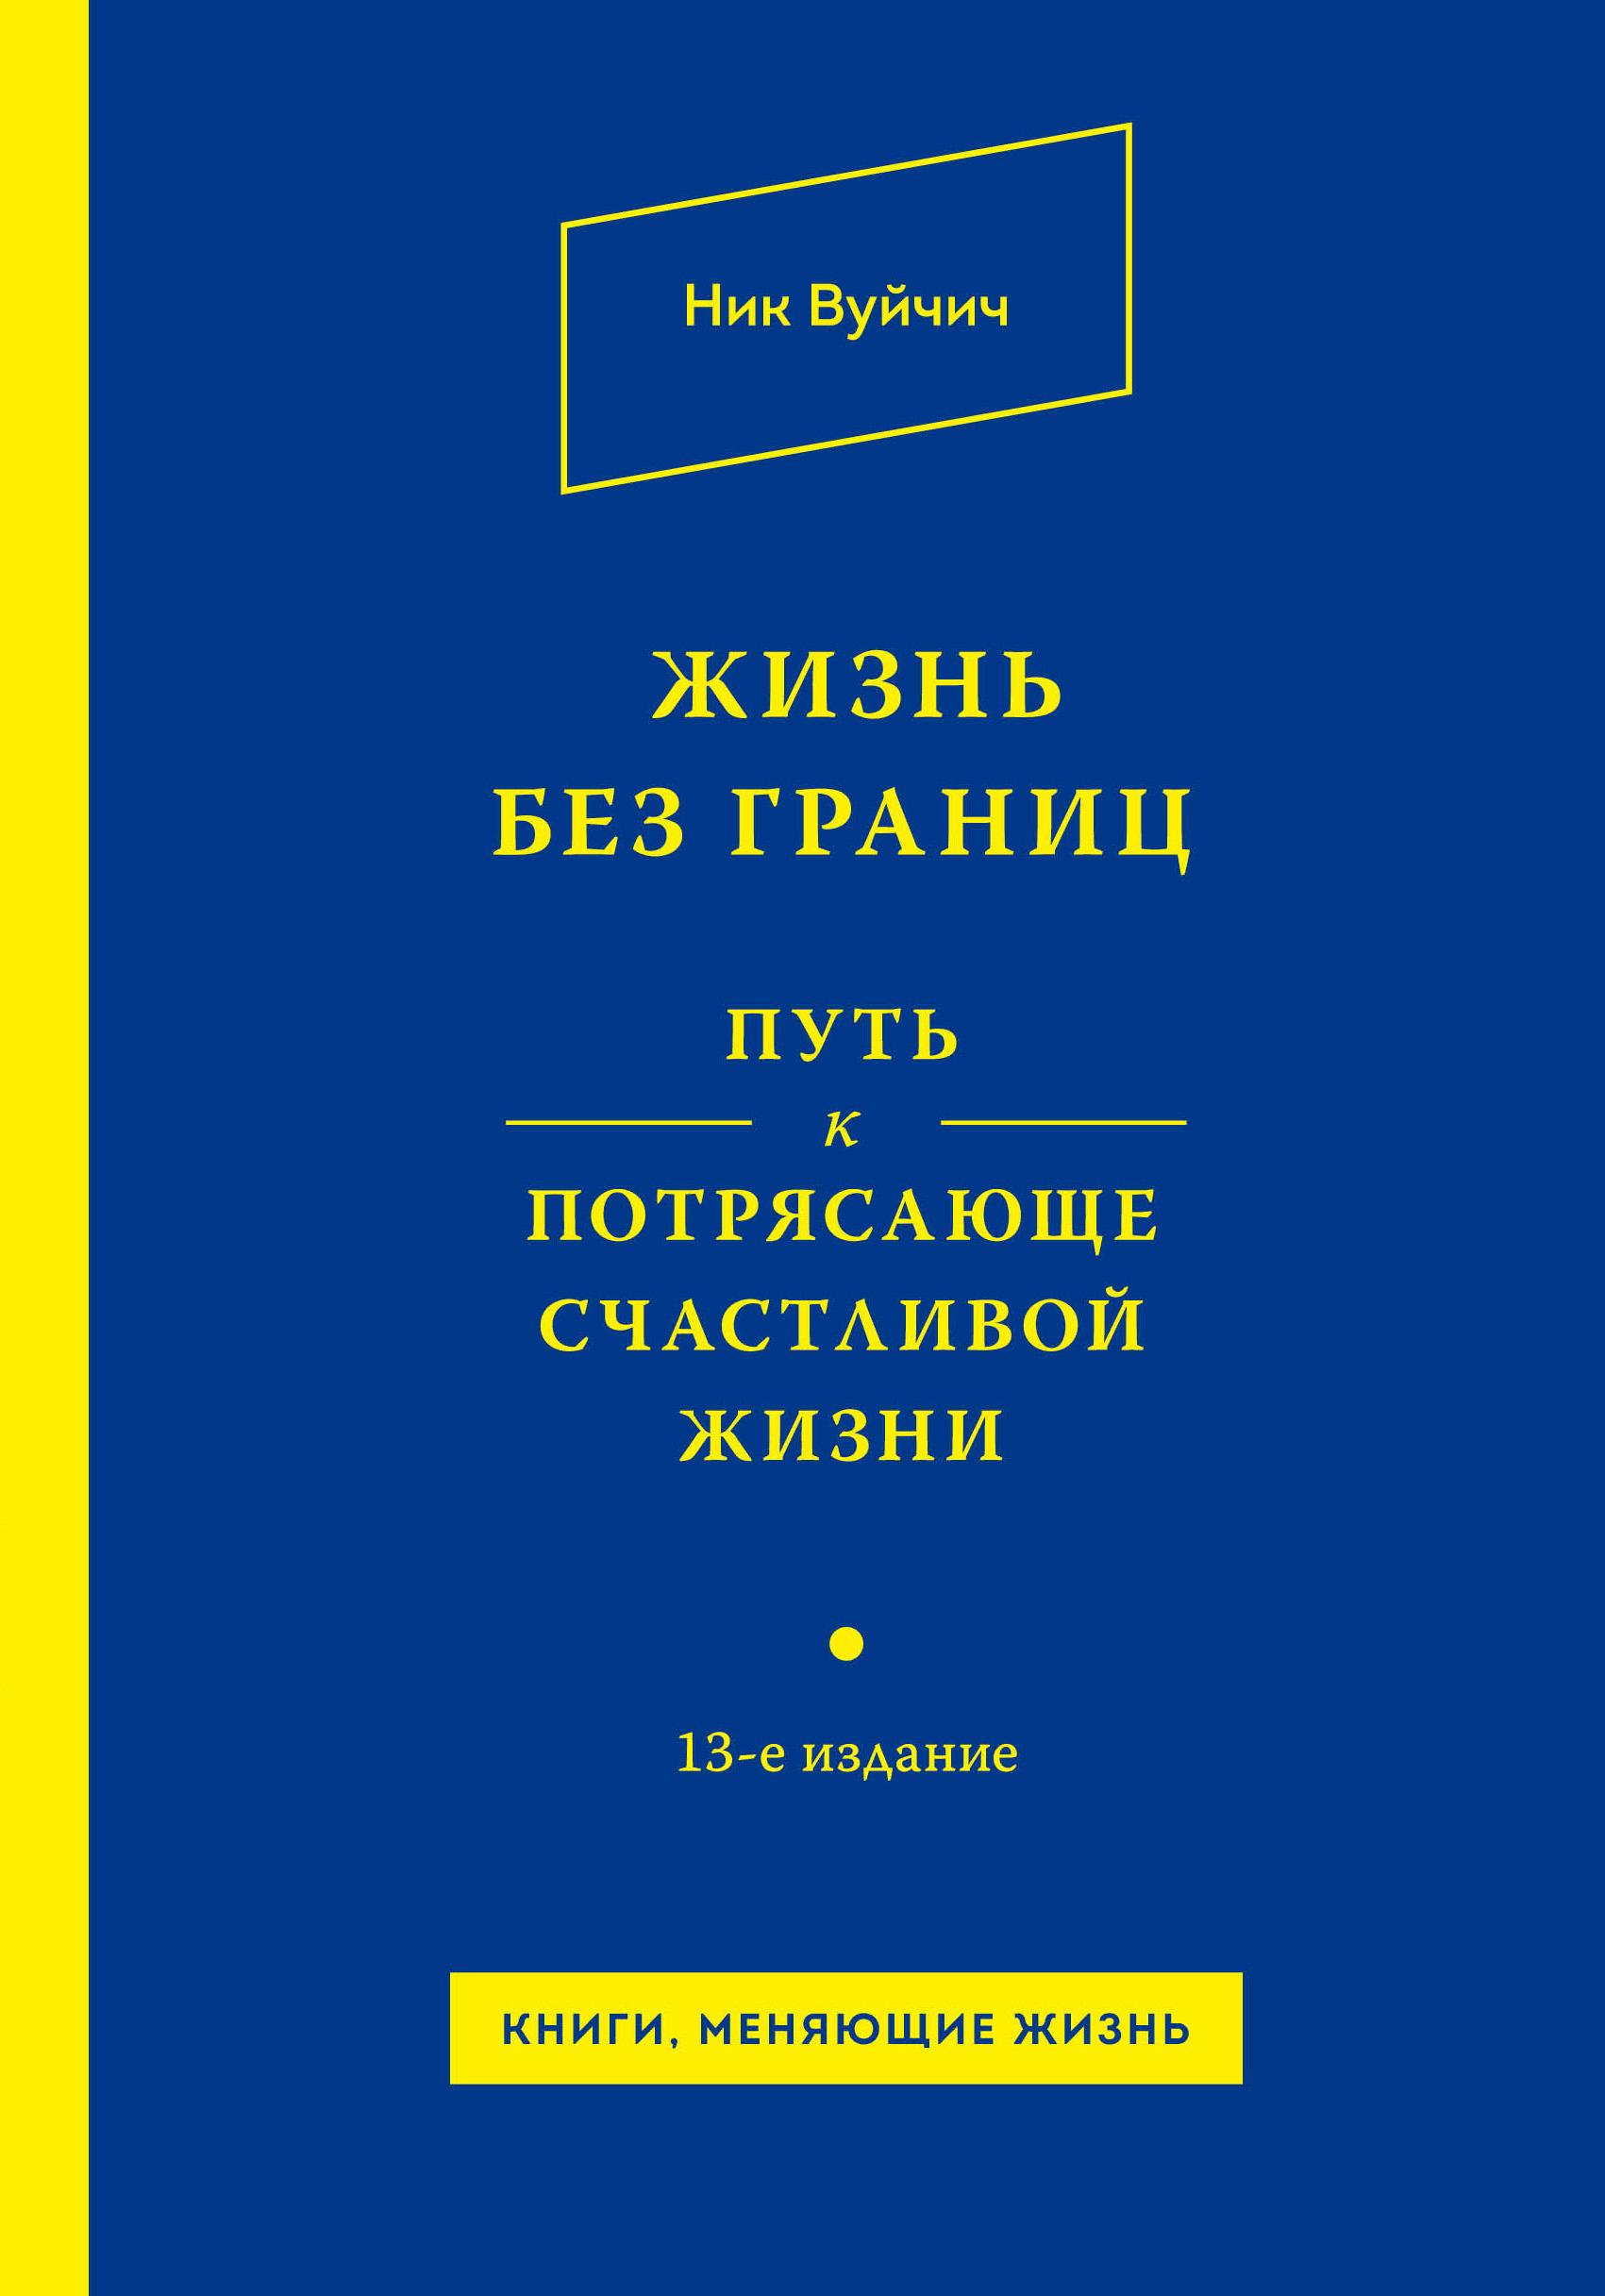 Вуйчич Н. Жизнь без границ. Путь к потрясающе счастливой жизни ISBN: 978-5-699-79225-2